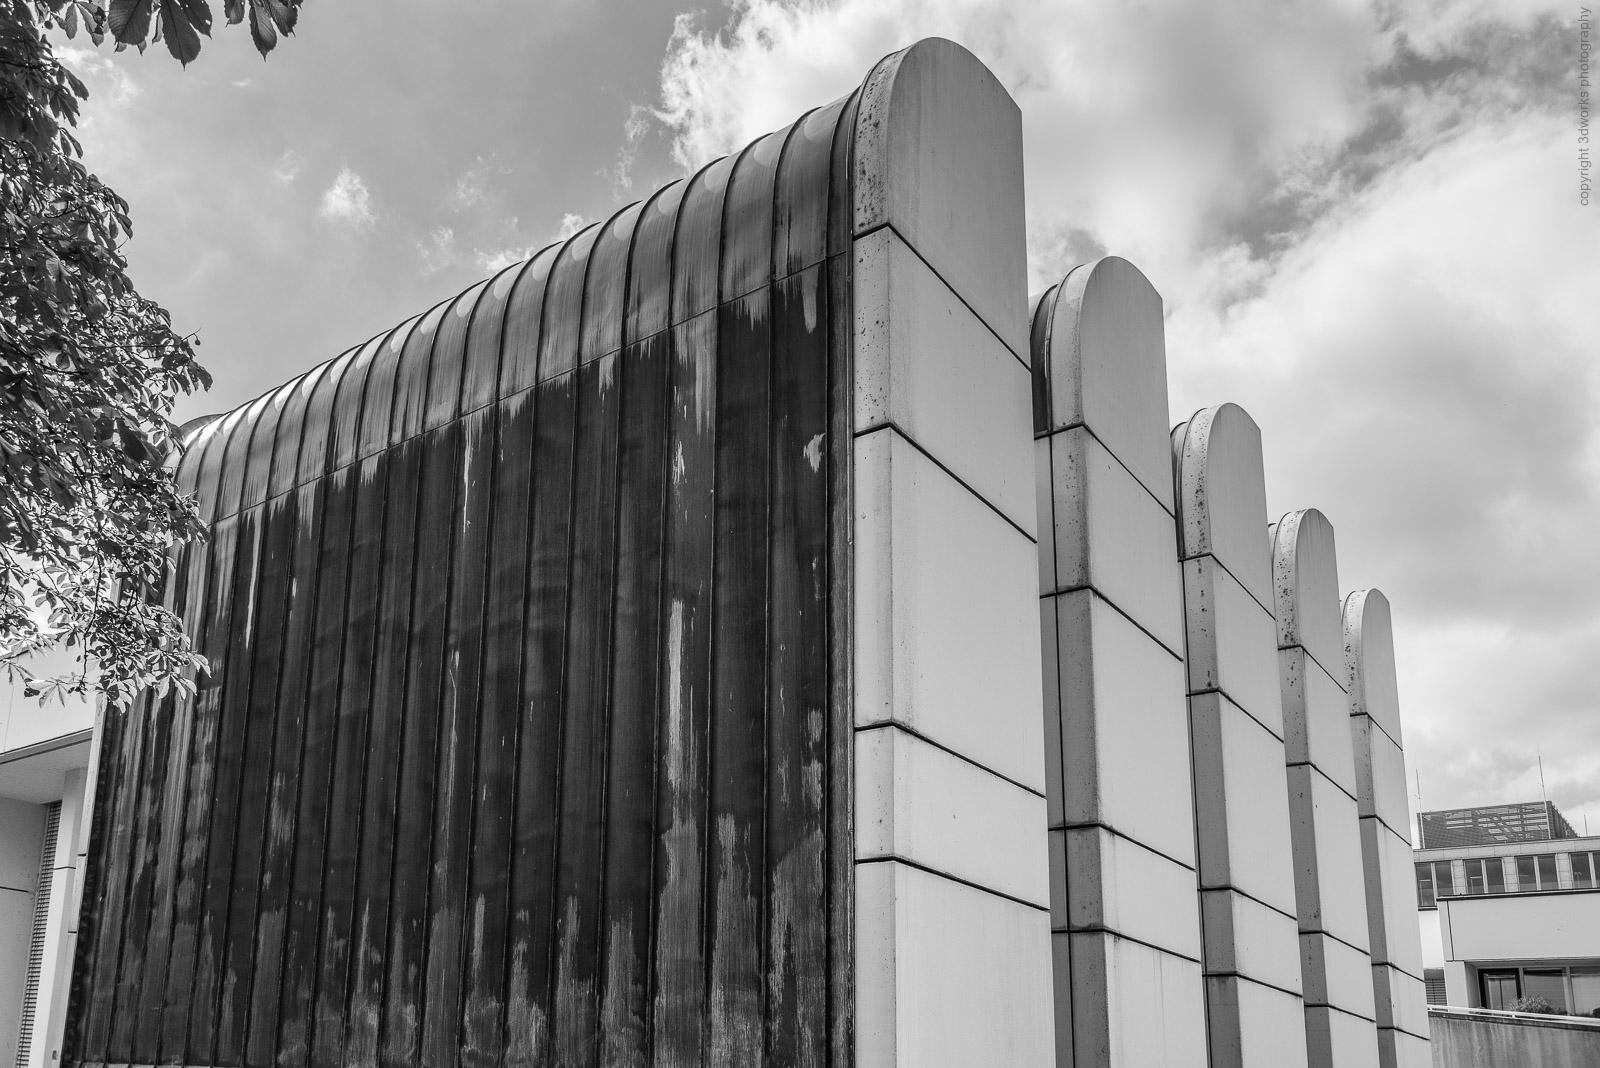 Architekturfotografie, Bauhaus-Archiv, Berlin